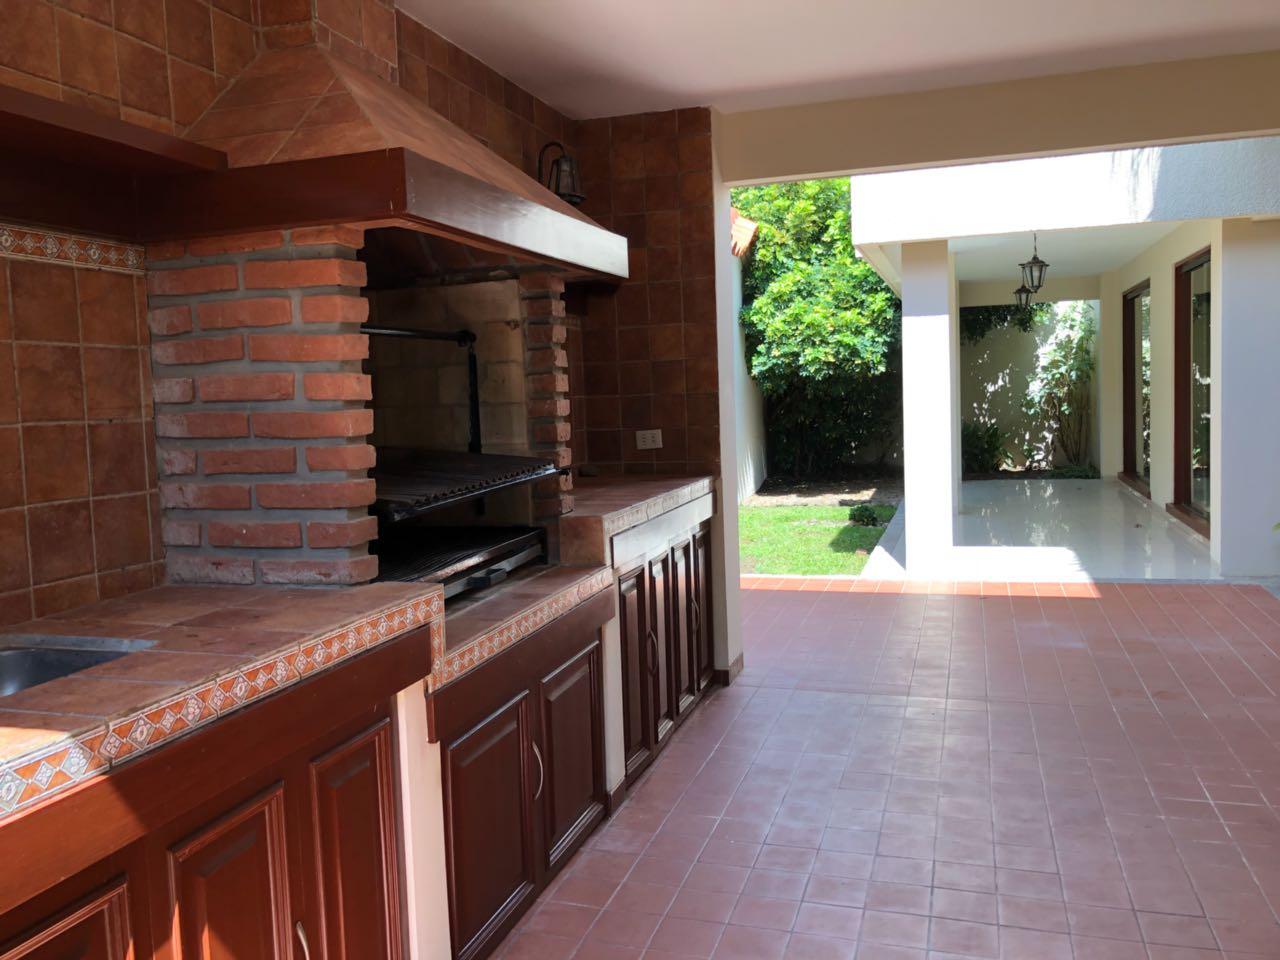 Casa en Alquiler CASA EN ALQUILER, URBANIZACIÓN LA HACIENDA I, ENTRE AV. BENI Y BANZER 5TO ANILLO Foto 11